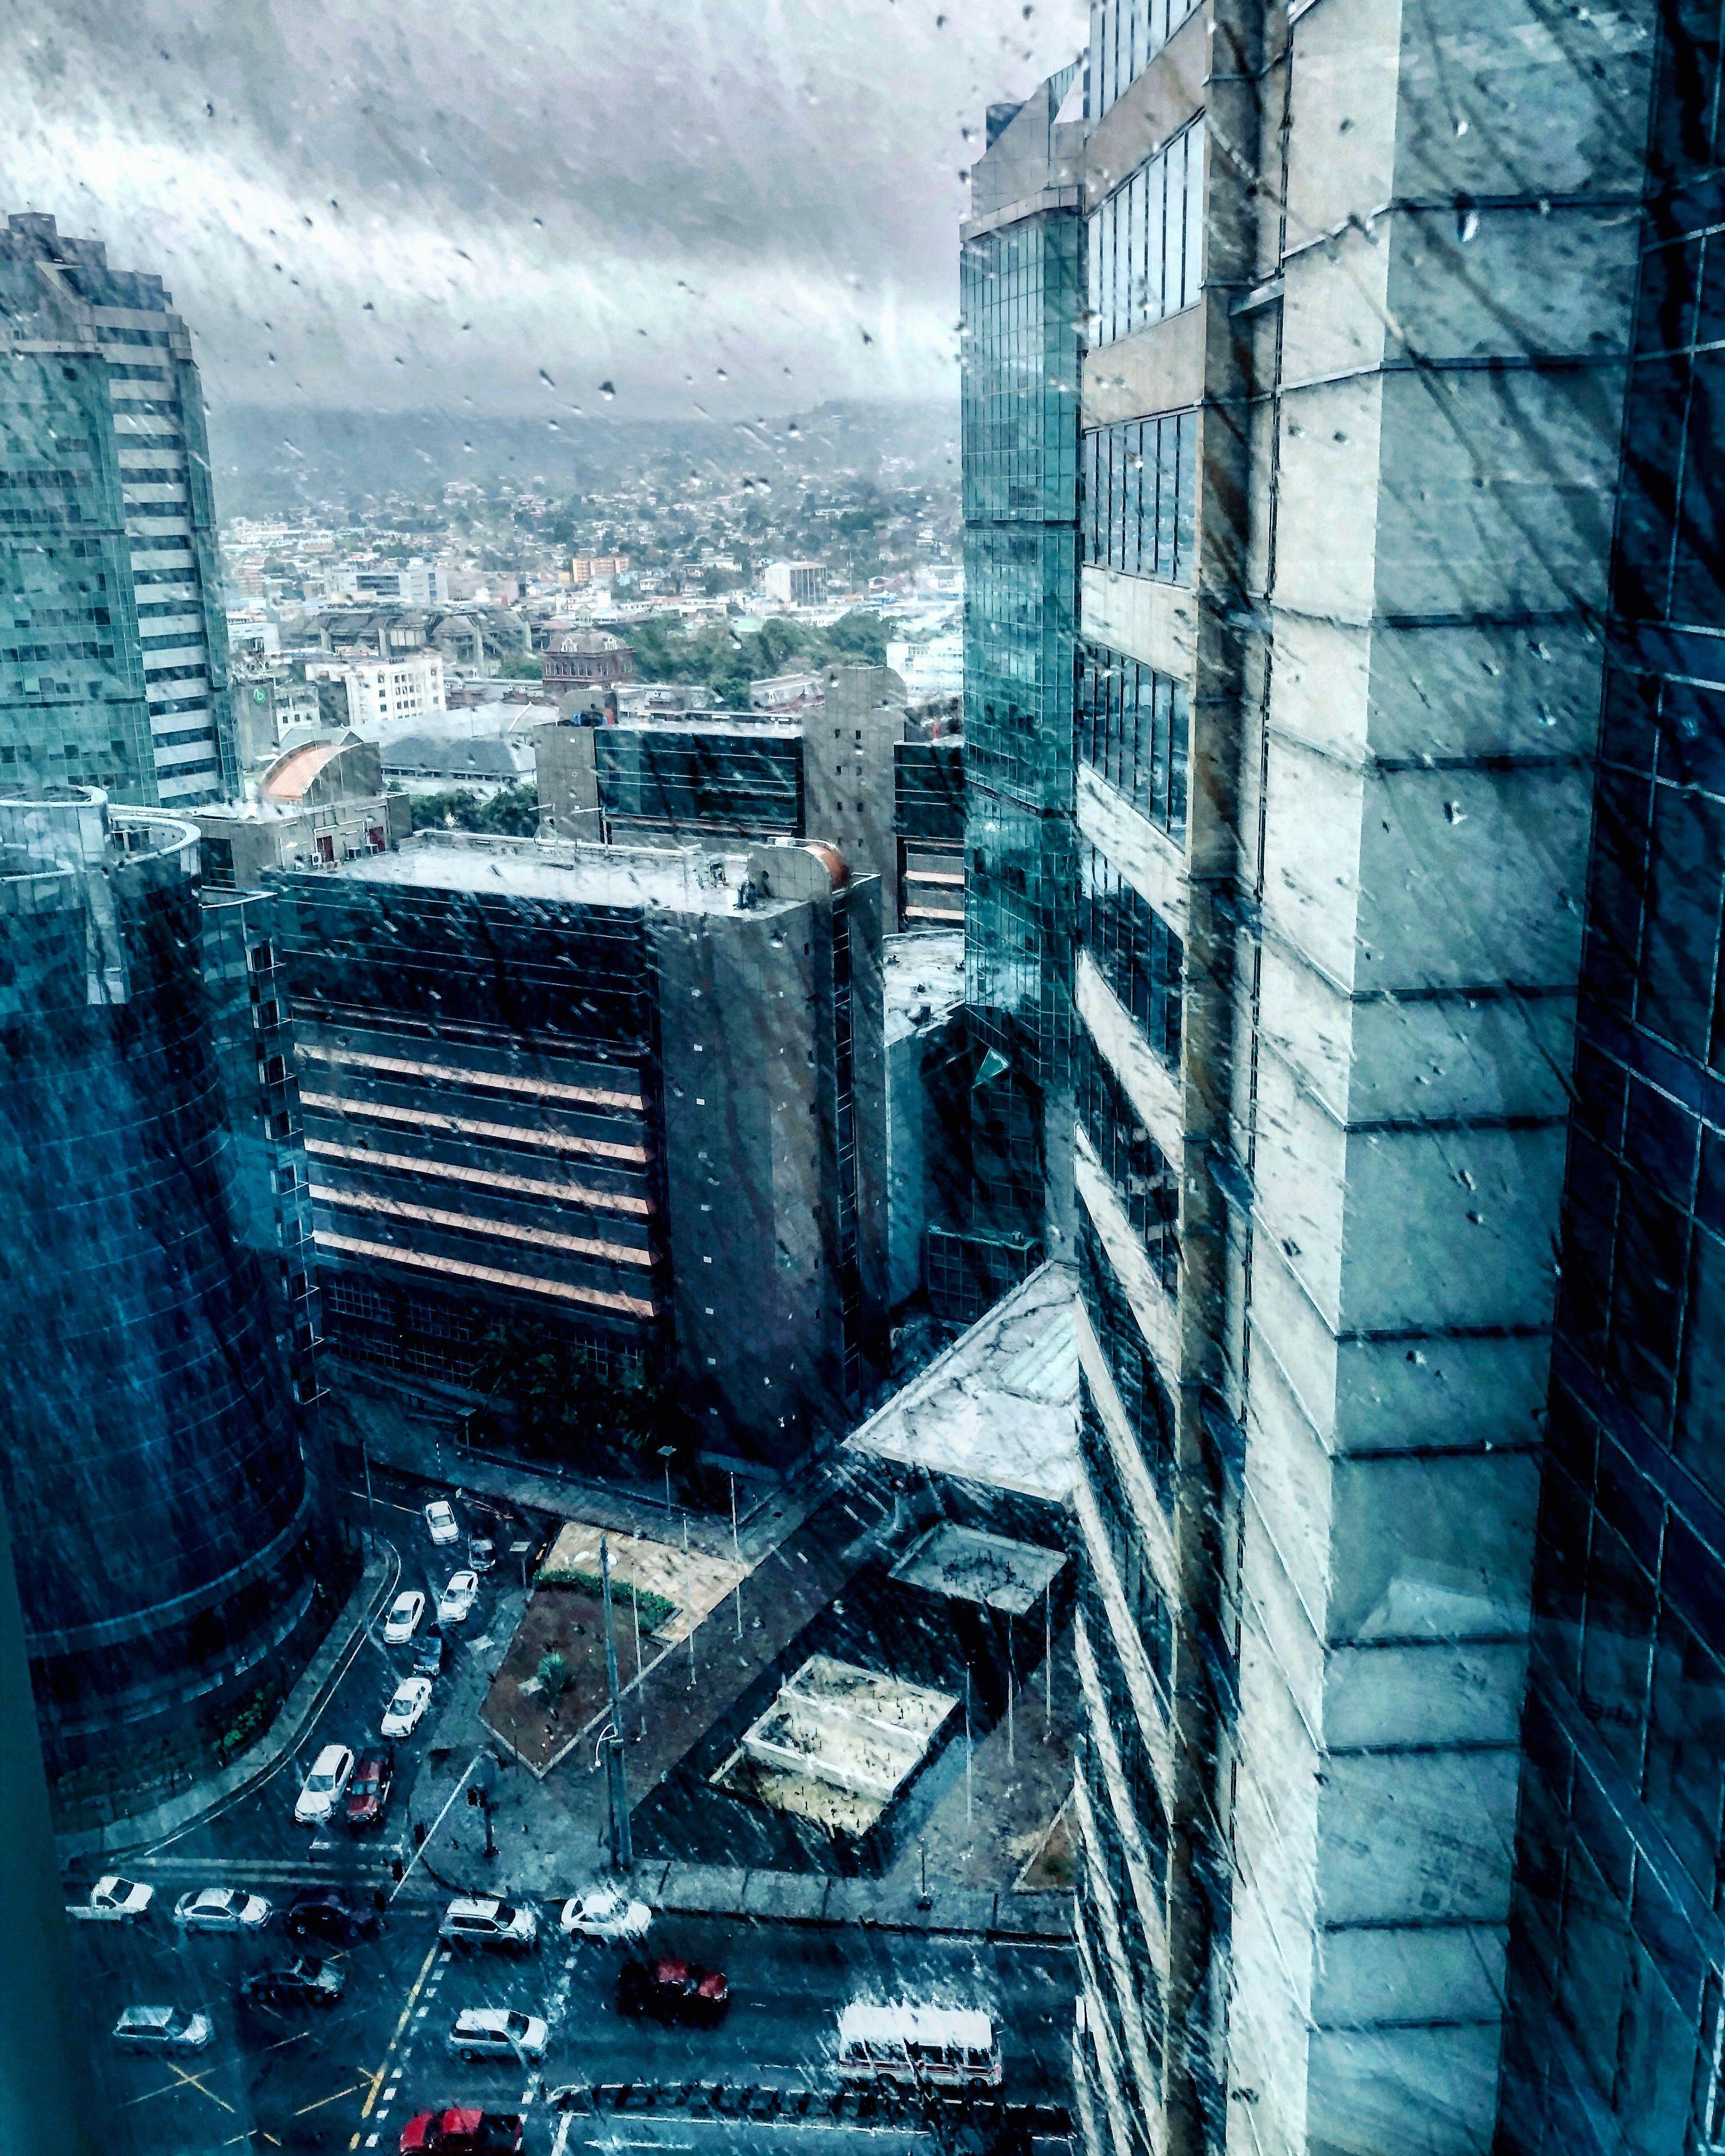 Rainy City, Beautiful Art, Skyscraper